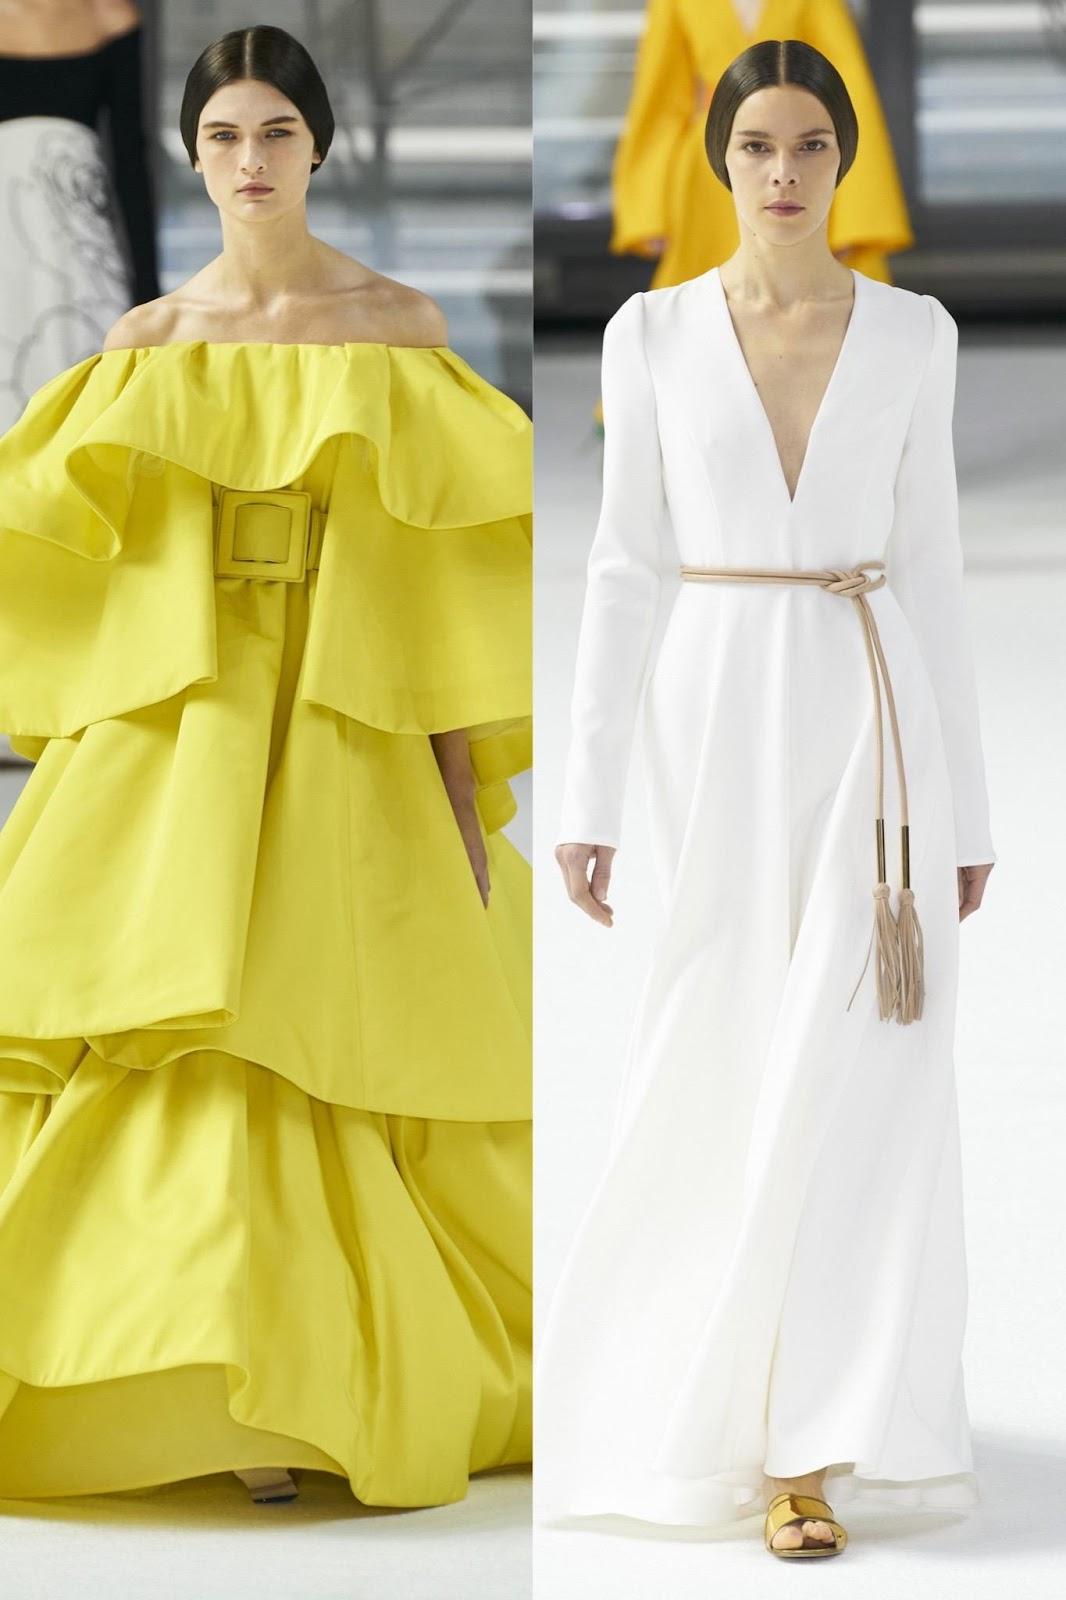 Imagen que contiene amarillo, ropa, persona, edificio  Descripción generada automáticamente